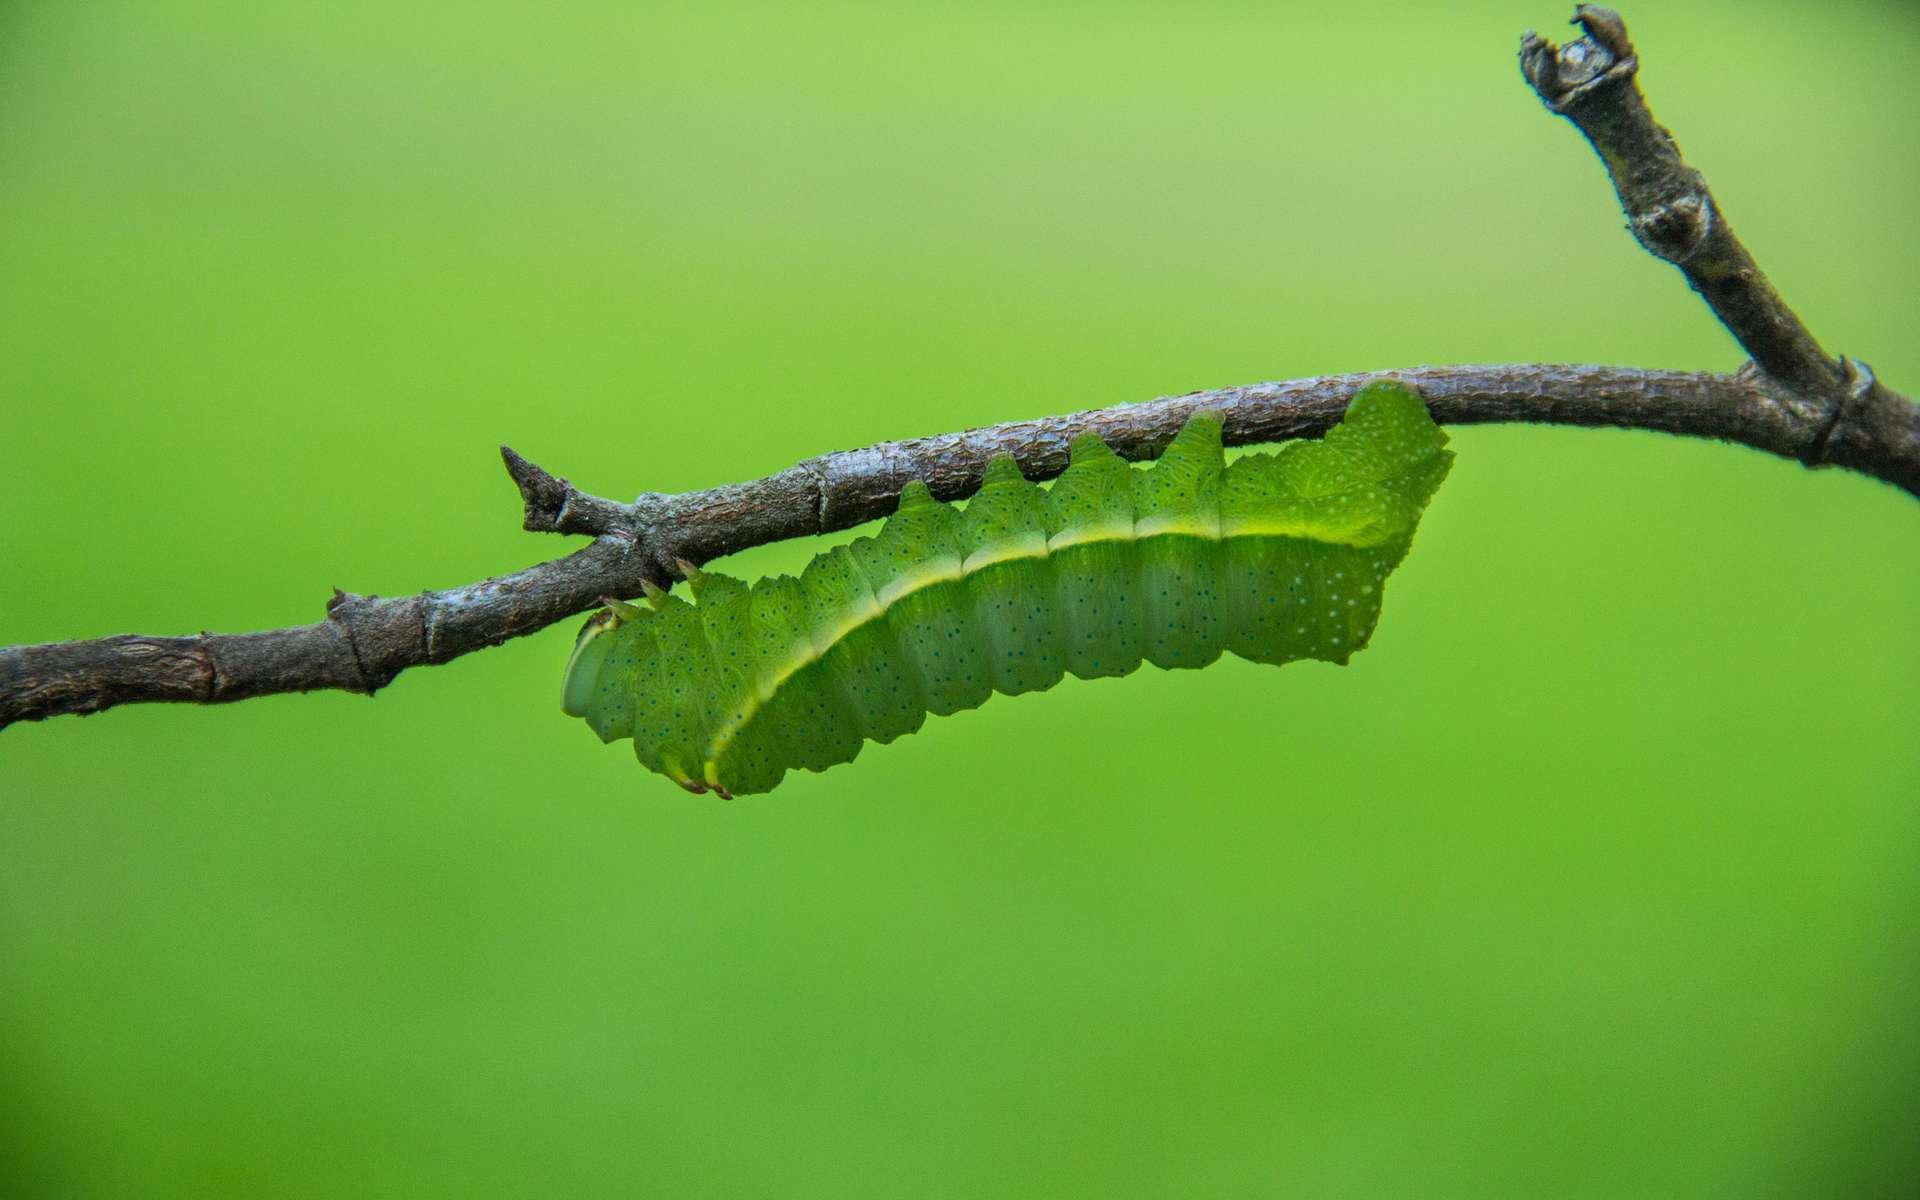 Les phéromones reproduites en laboratoire par M2i sont utilisées pour créer une confusion sexuelle afin de désorienter ou d'attirer les insectes nuisibles. © Marco Verch, Flickr